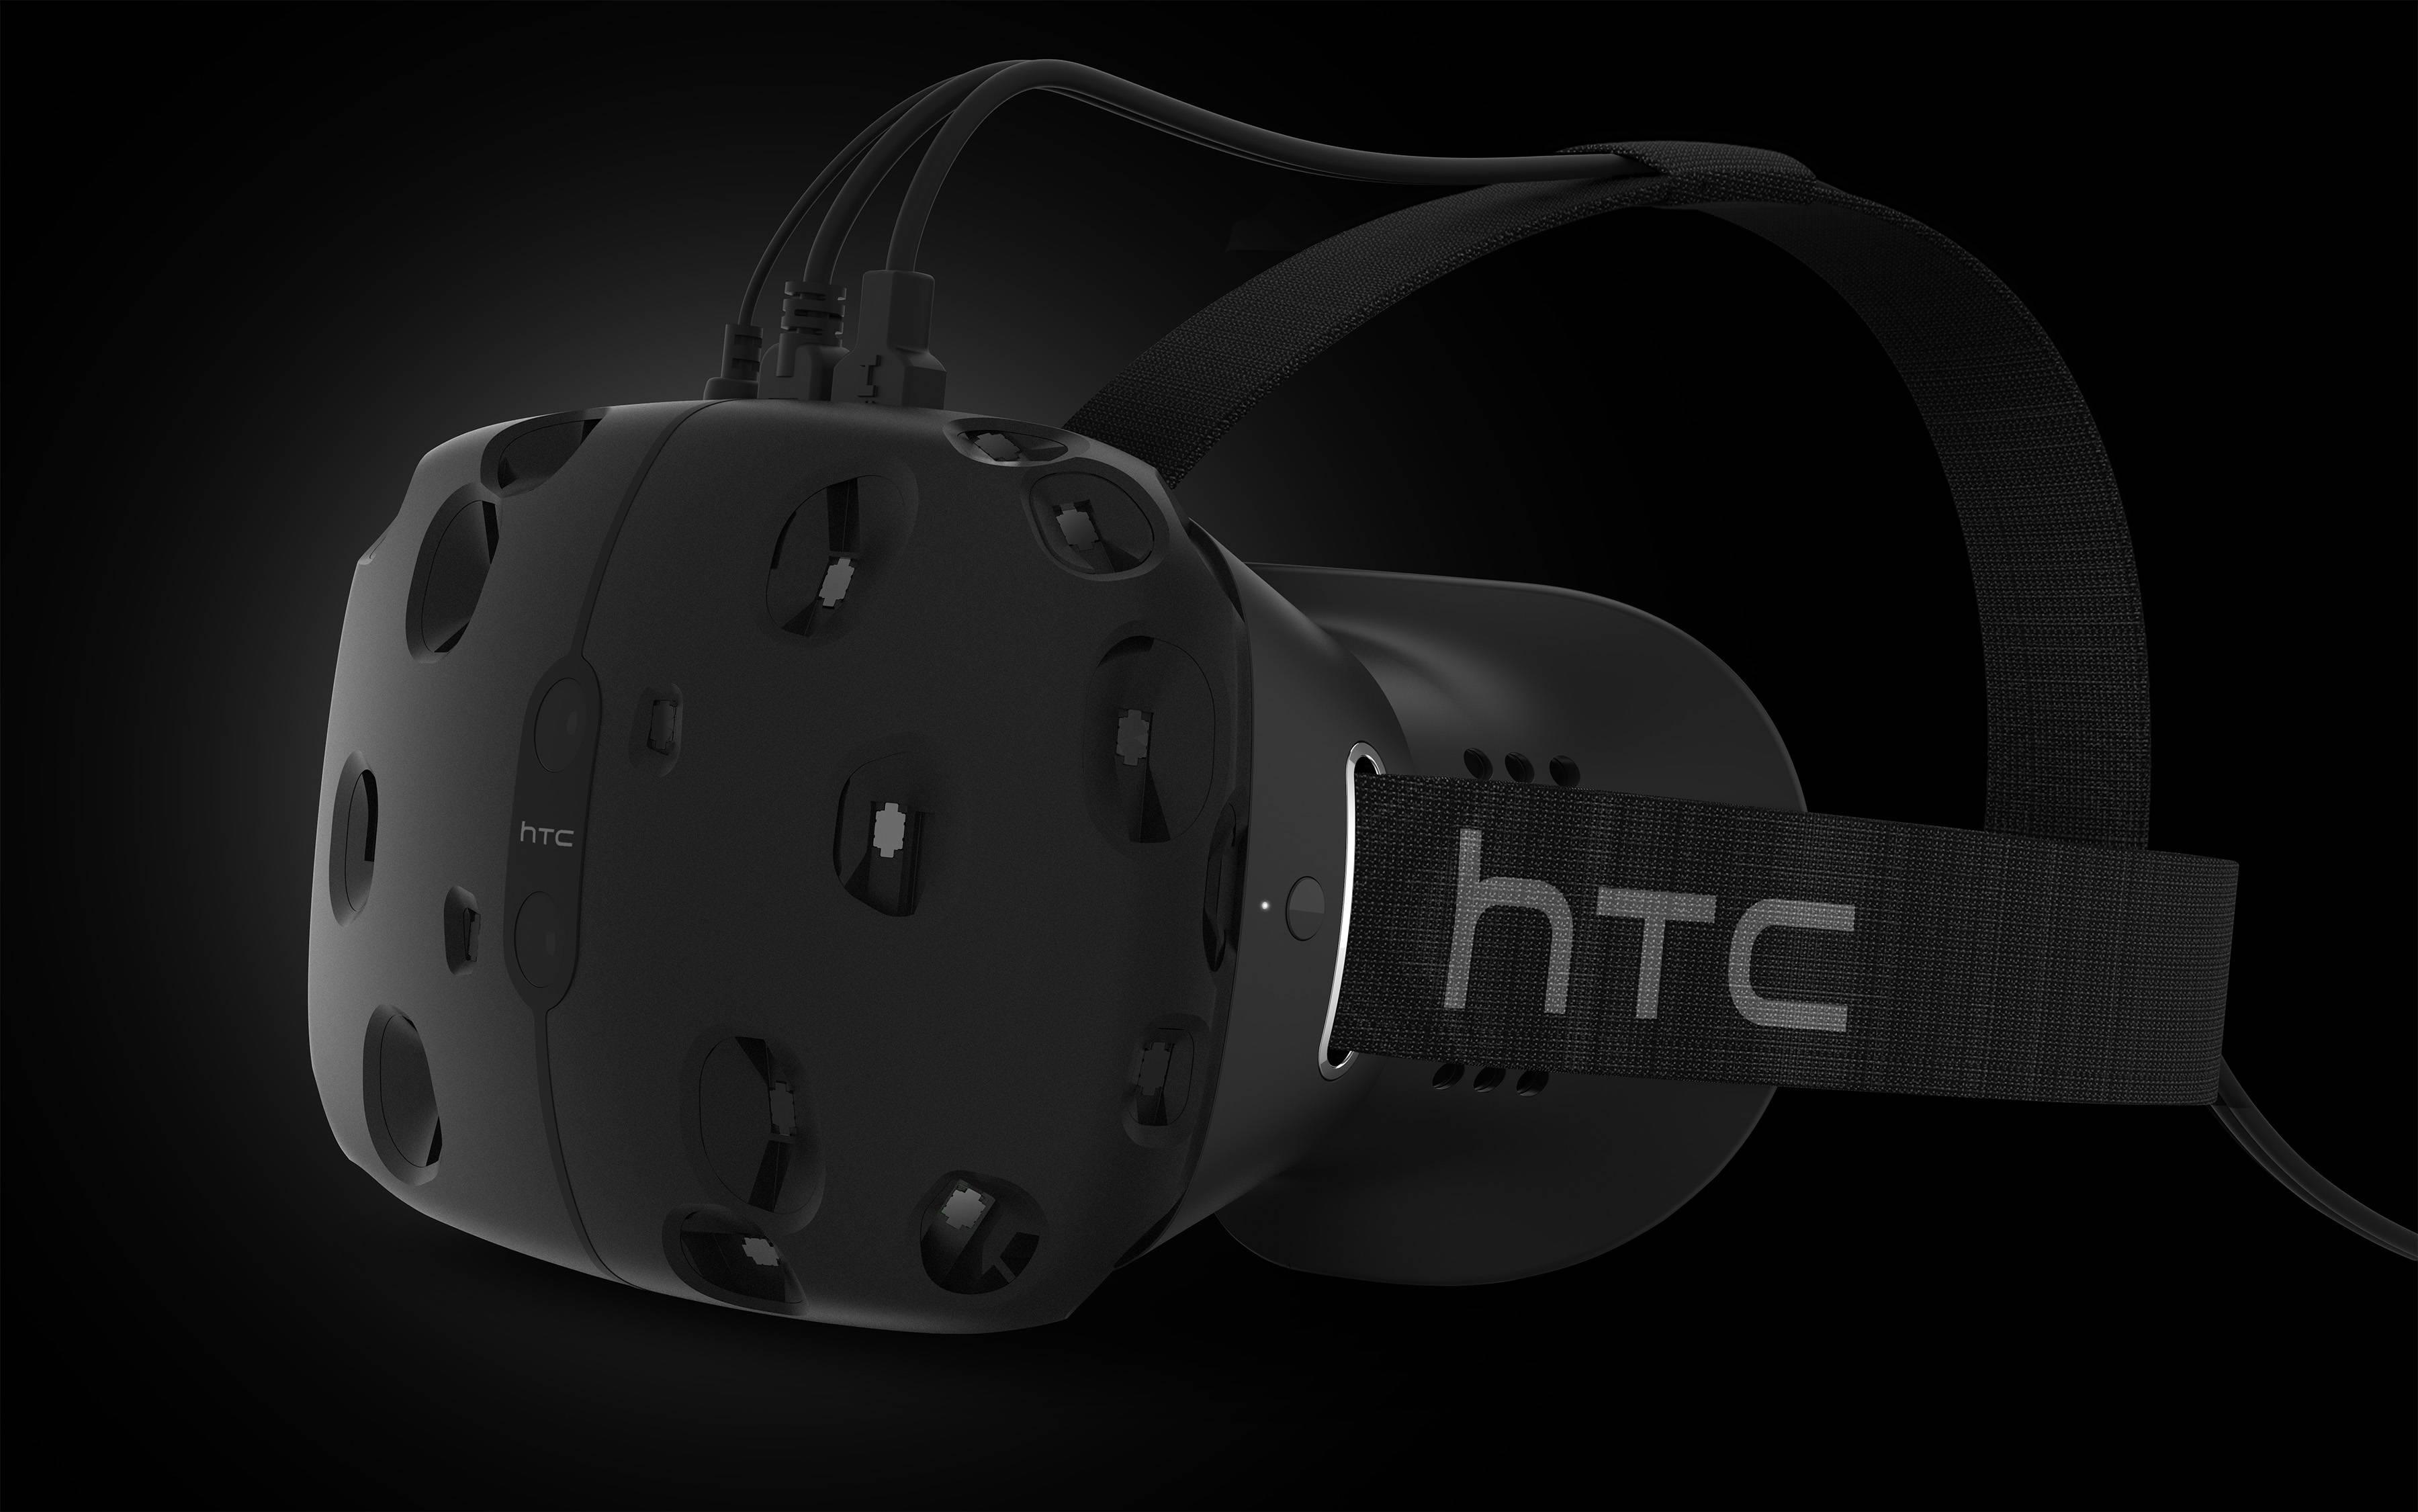 HTC Vive_Black